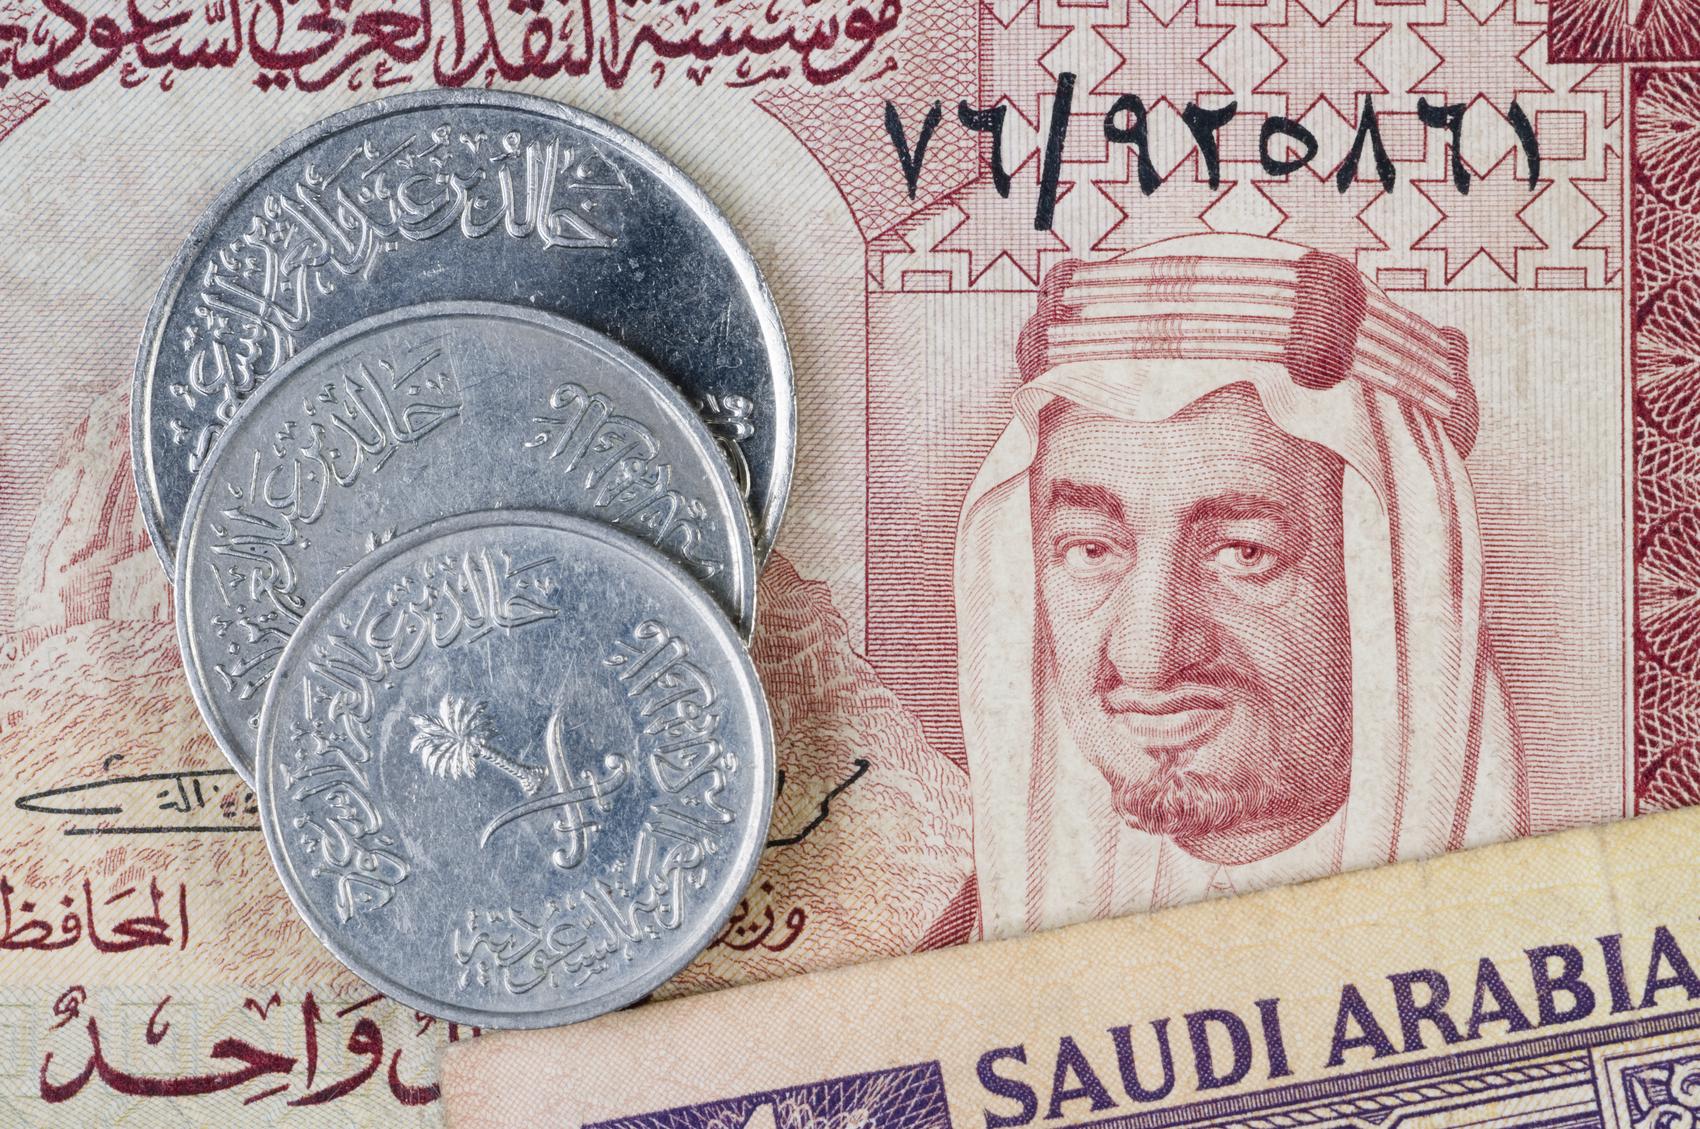 Saudi Arabian riyal banknotes & coins